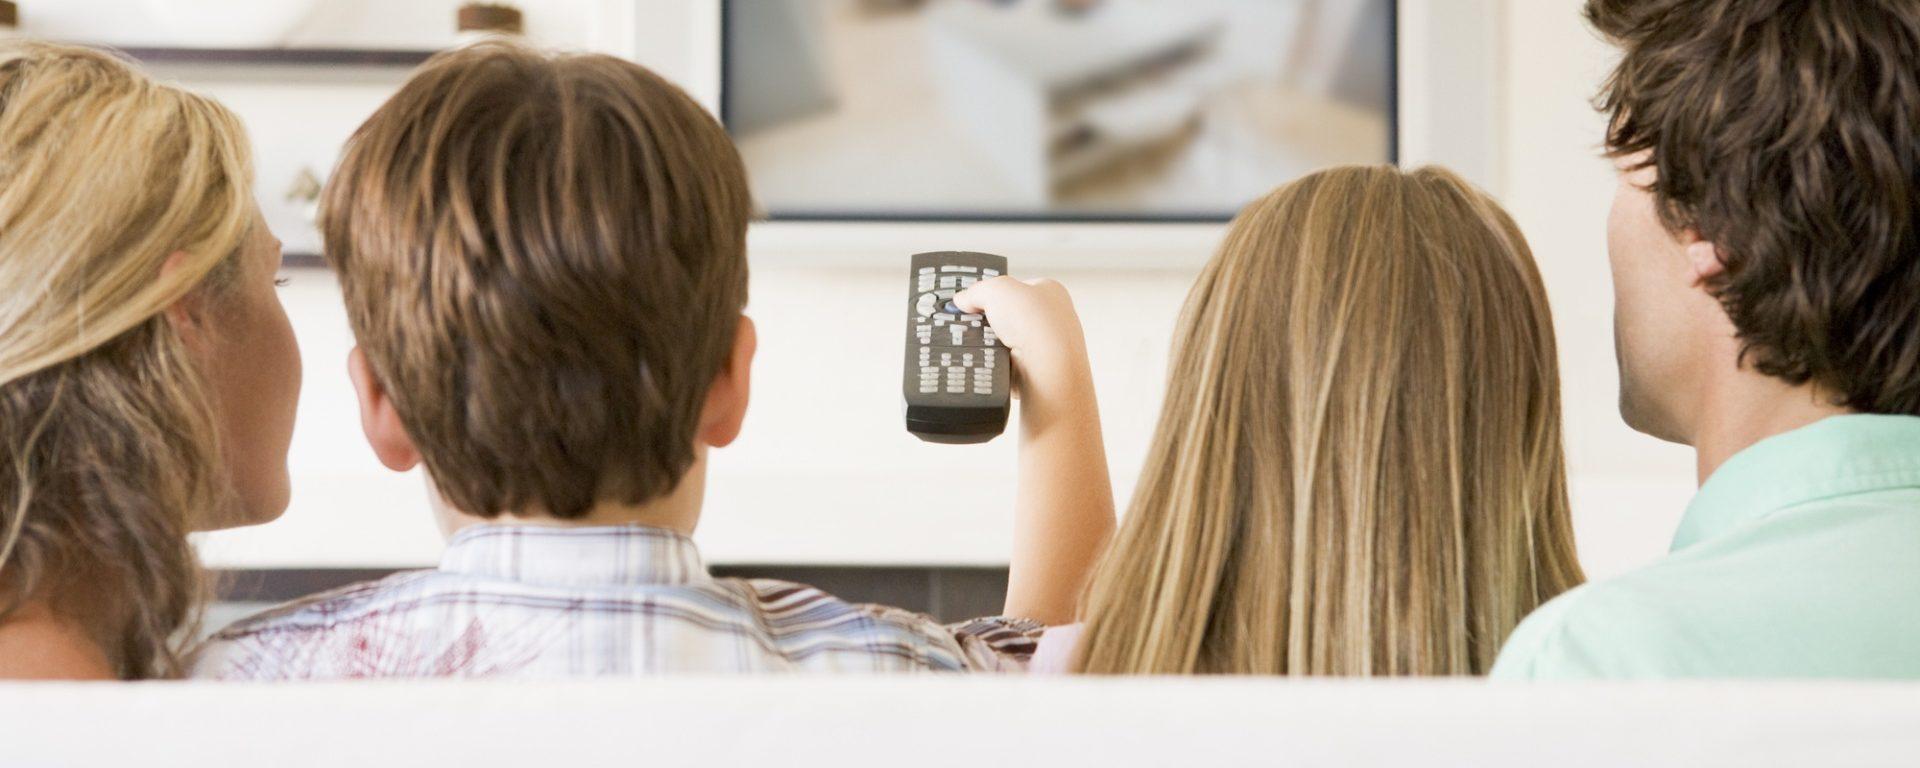 Fernsehen für Kinder – wieviel ist erlaubt?